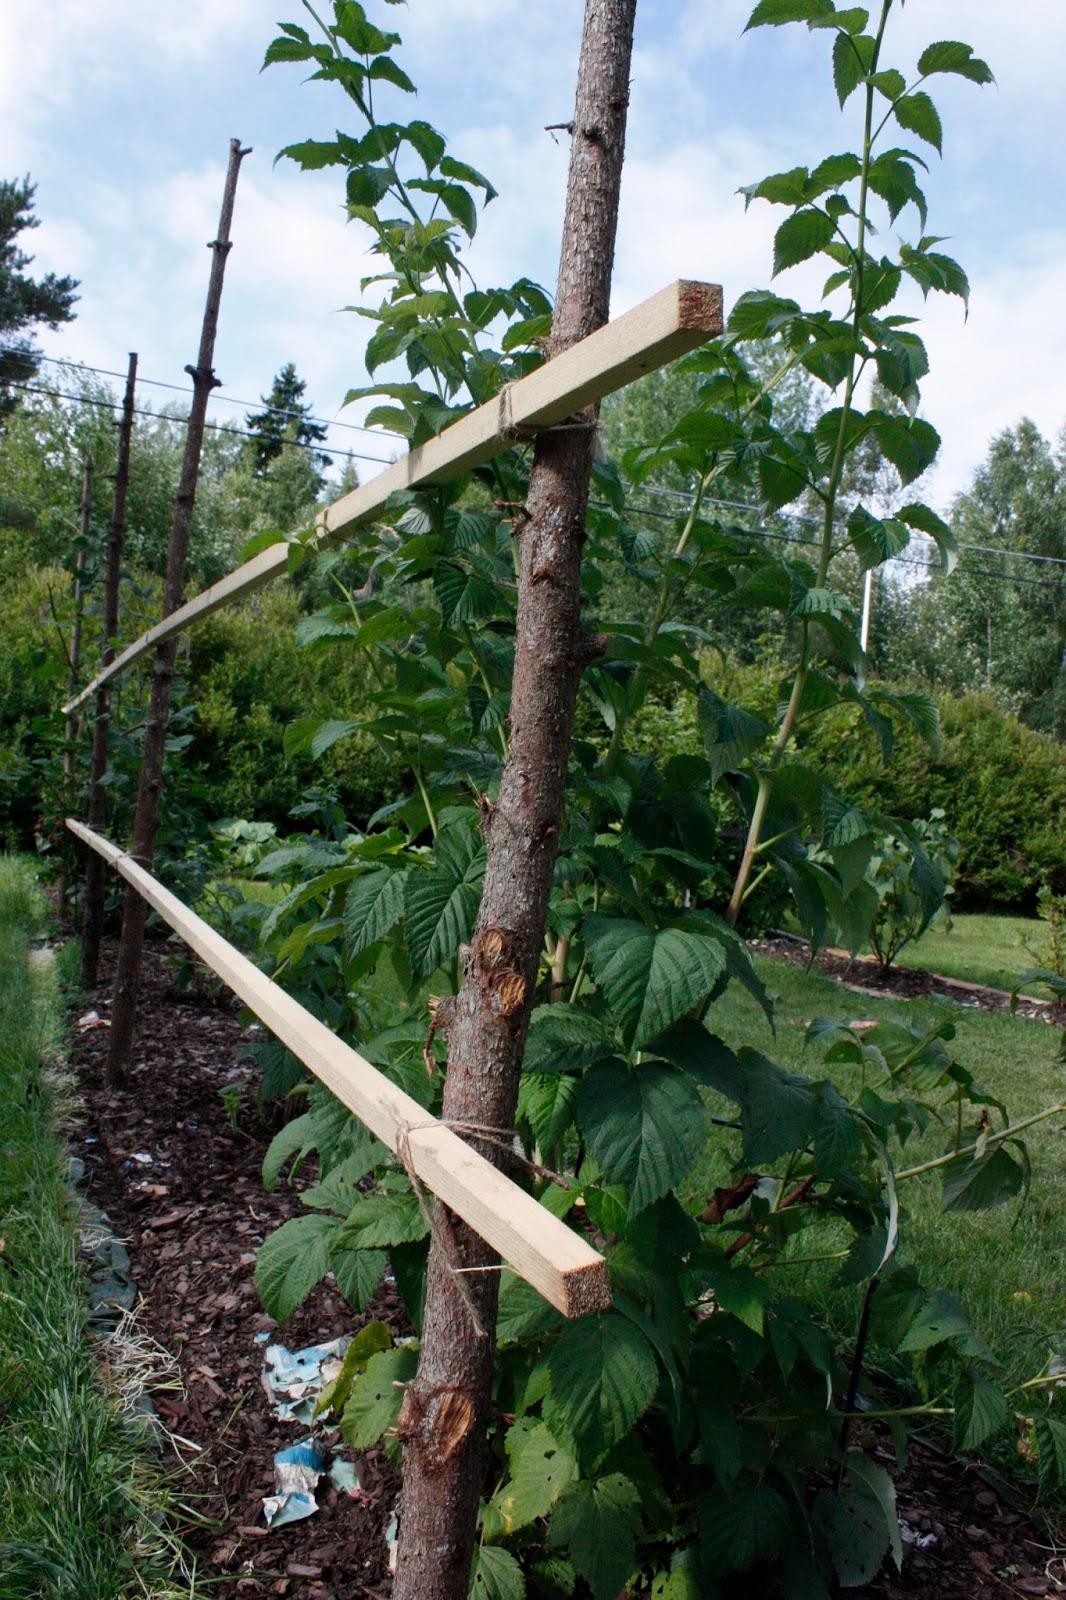 Josefins trädgård: trädgårdsrummen